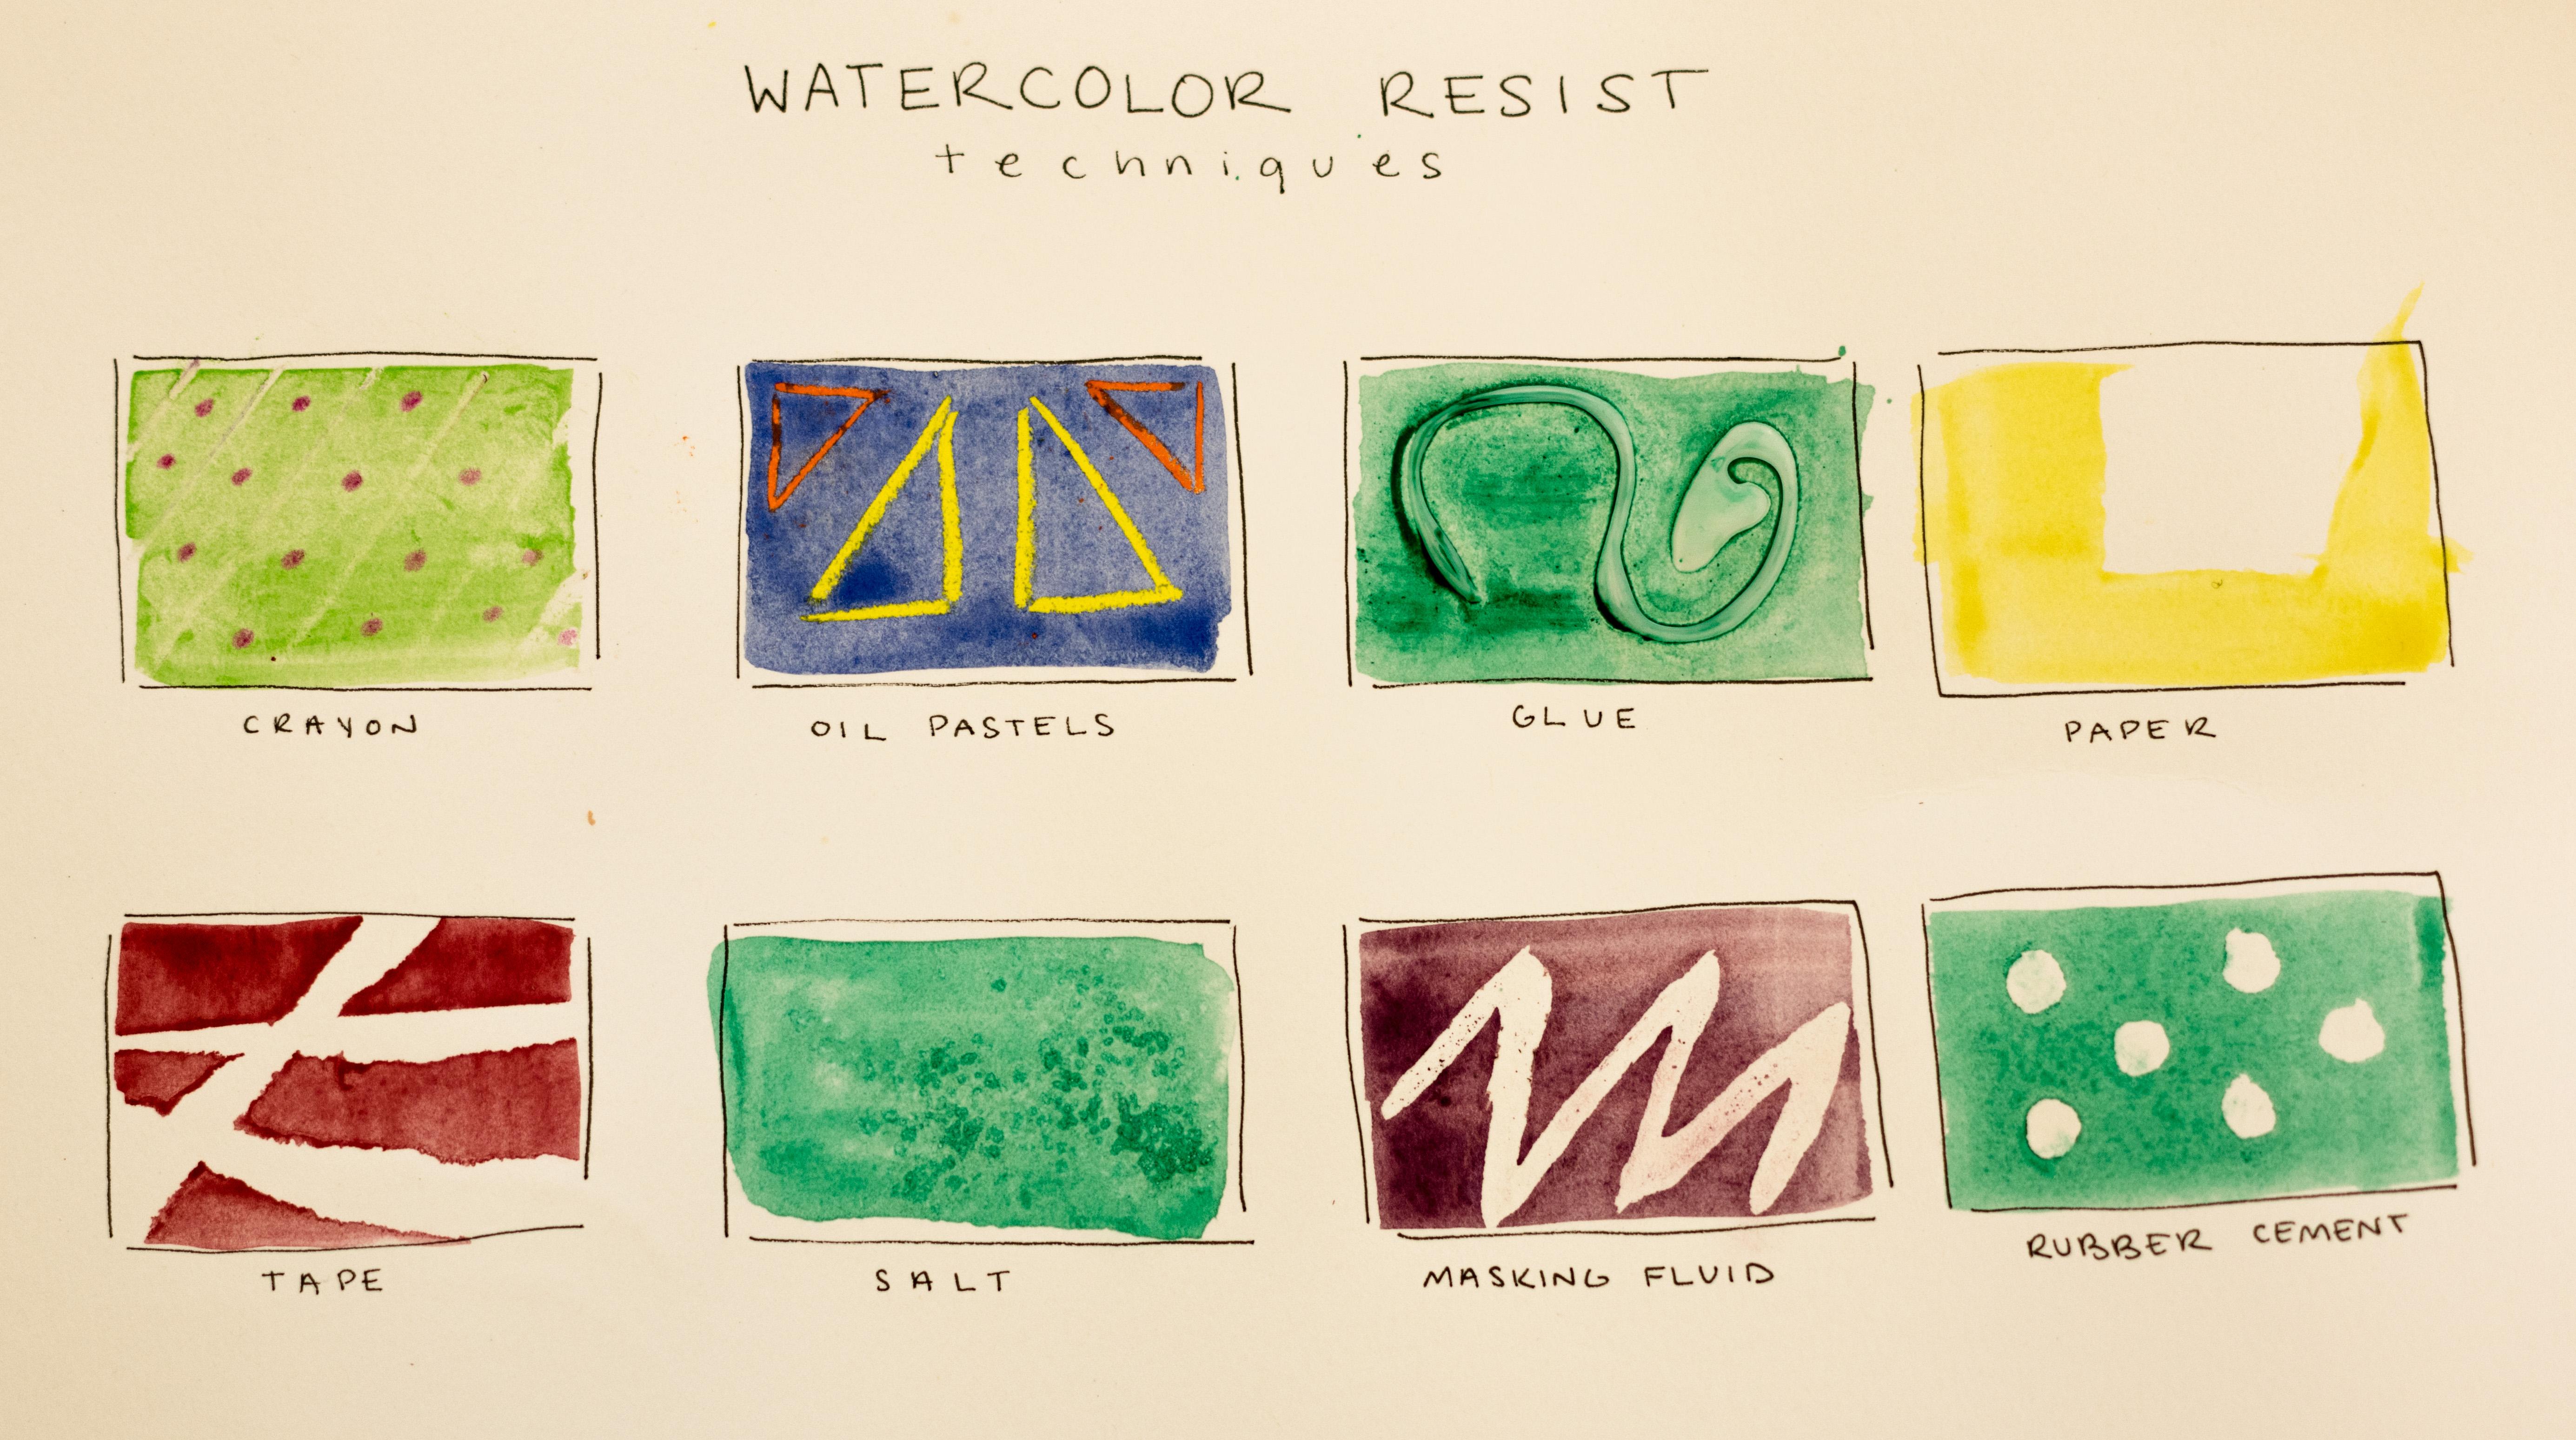 The Smartteacher Resource Watercolor Resist Techniques